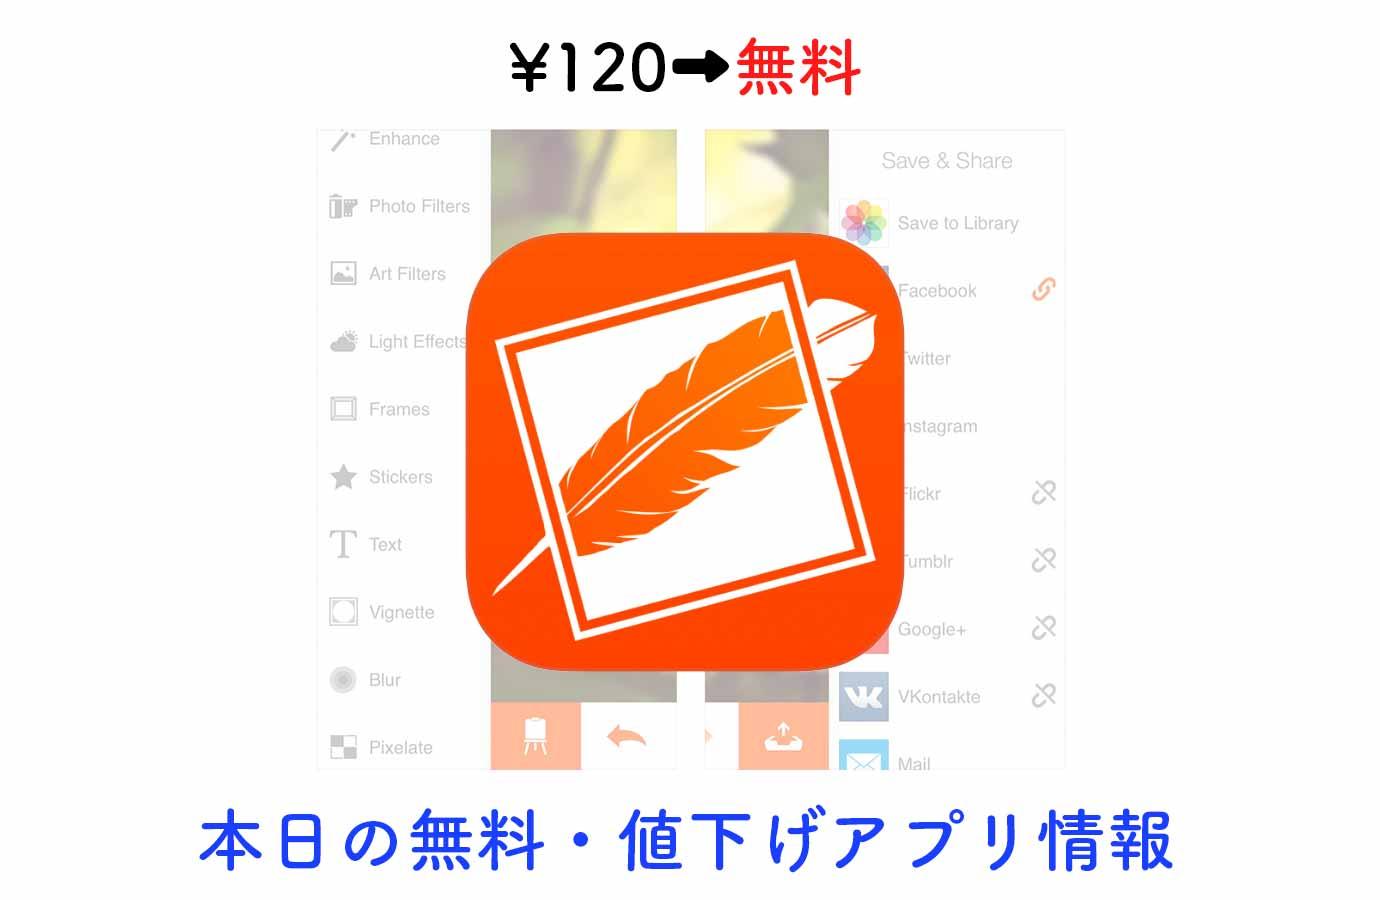 ¥120→無料、写真編集に必要な機能がそろった「Phoenix Photo Editor」など【12/4】本日の無料・値下げアプリ情報